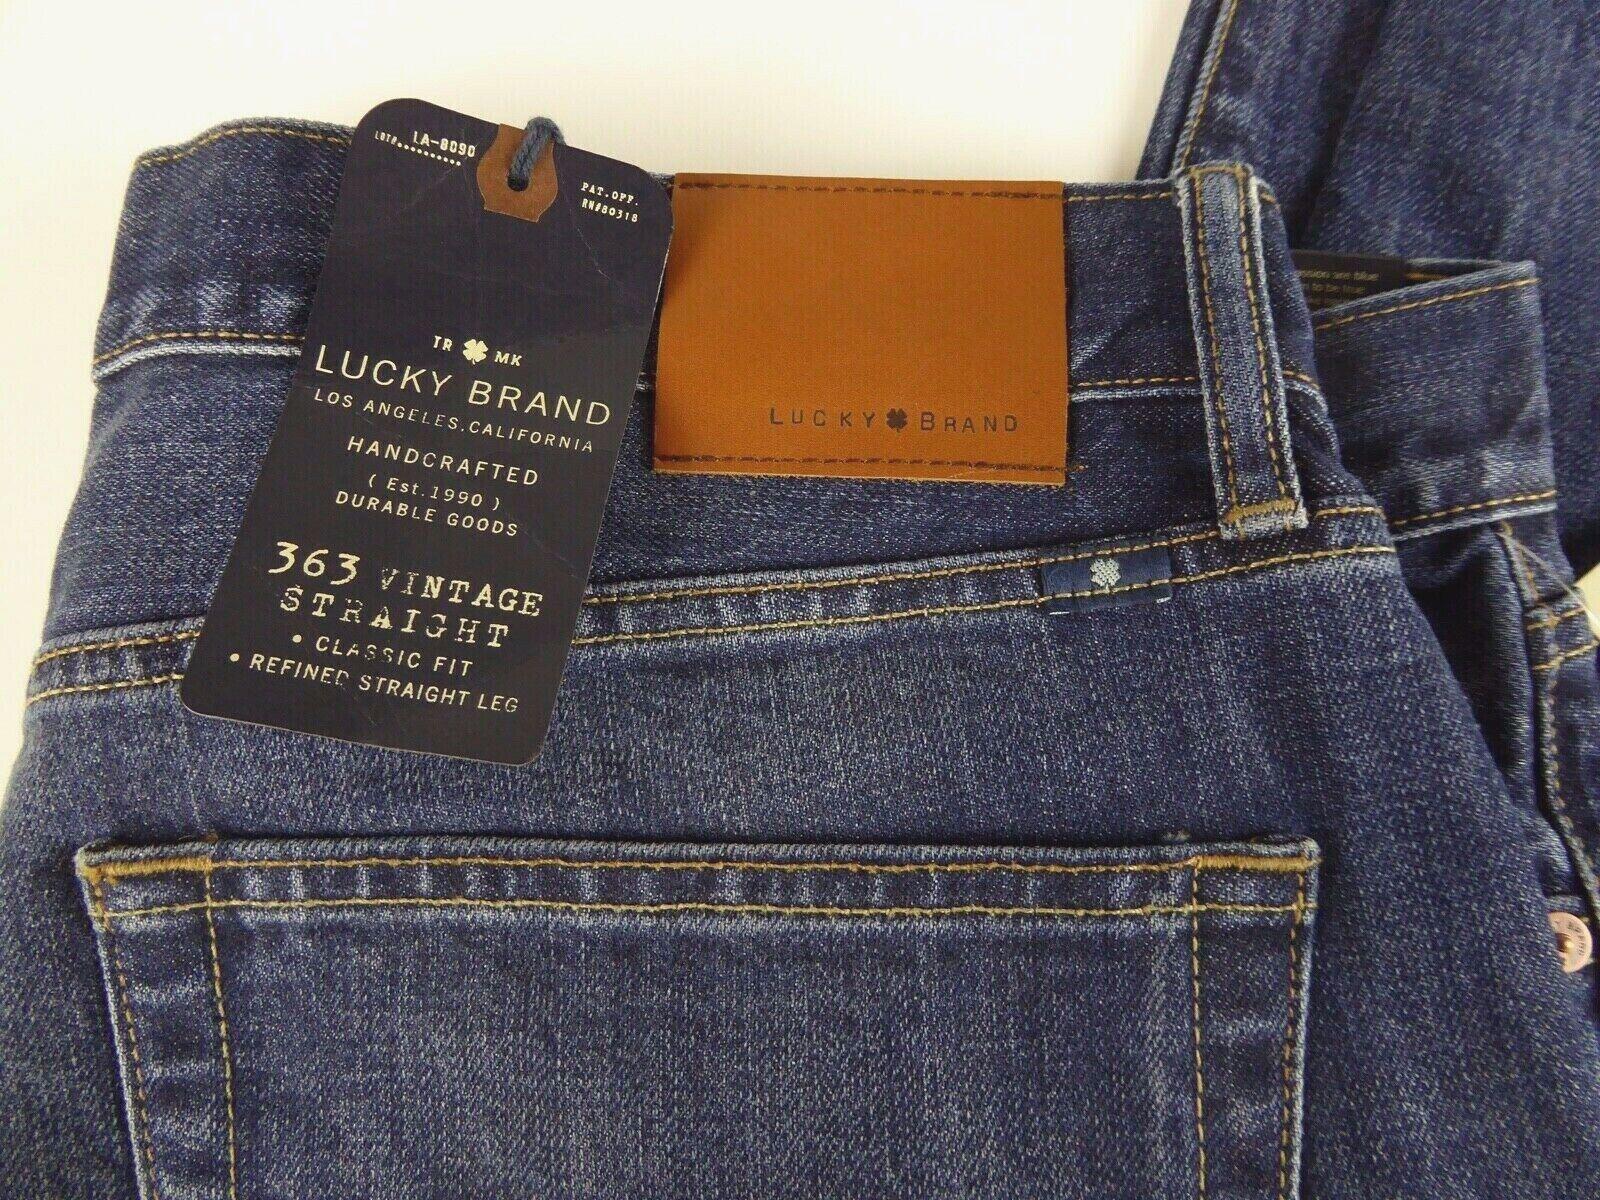 Lucky Brand 363 Vintage Denim Coupe Droite En Coton Stretch Neuf avec étiquettes  99 coupe droite